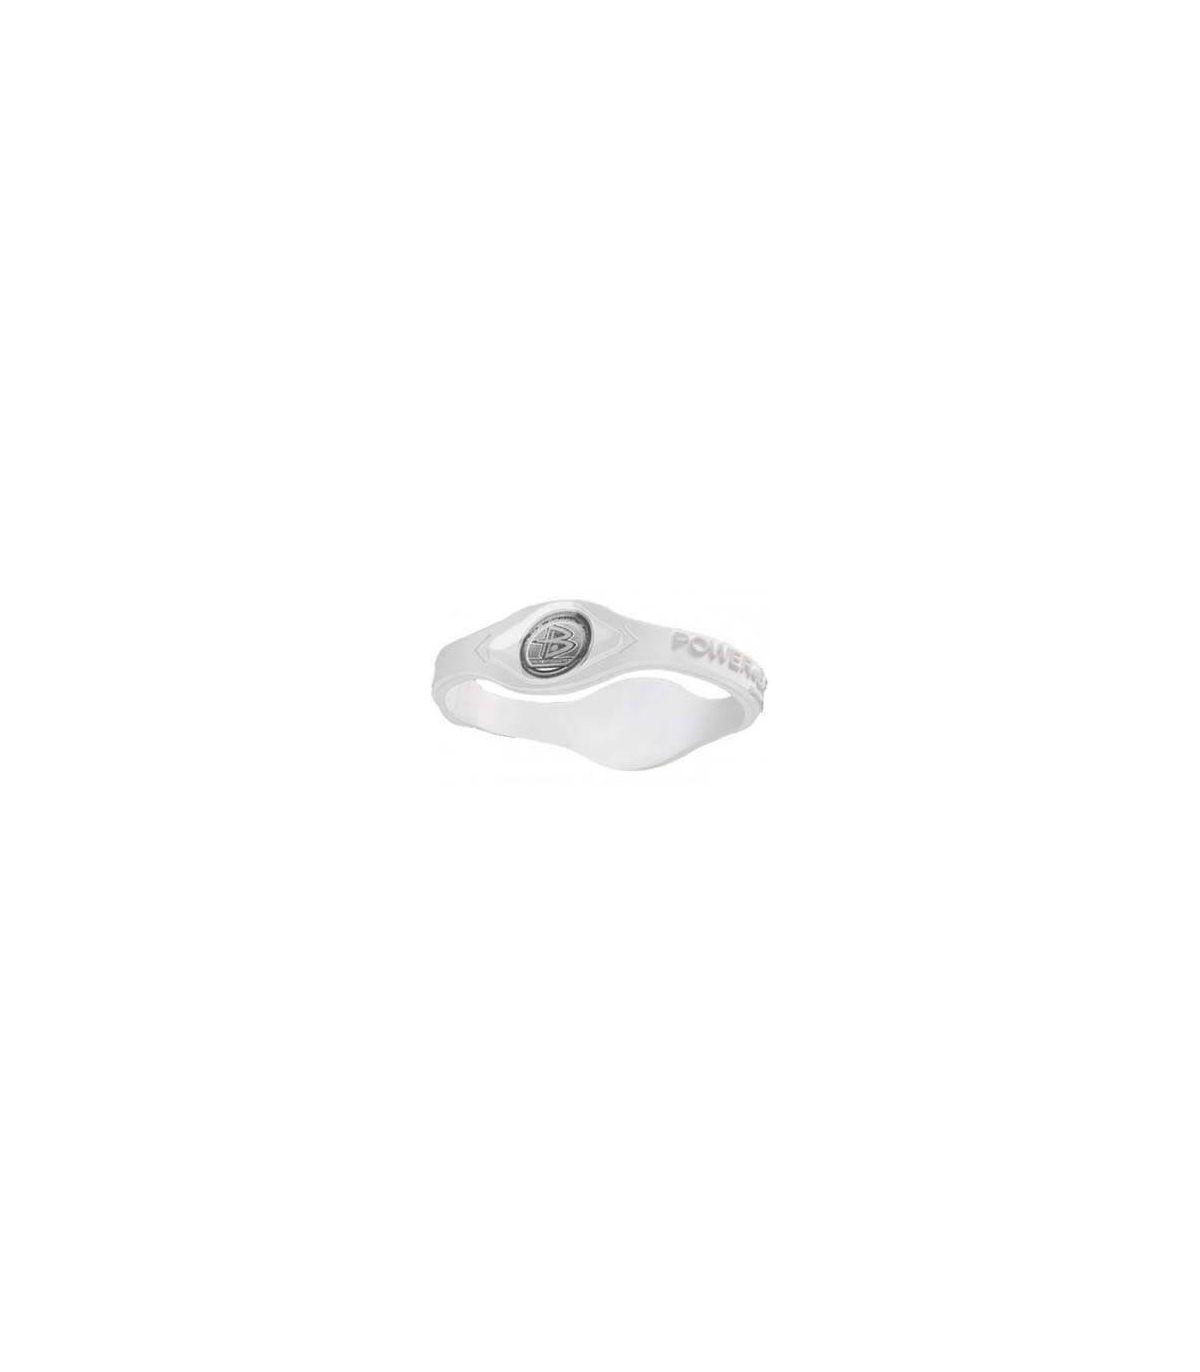 De puissance de Bracelet d'Équilibre de silicone Blanc